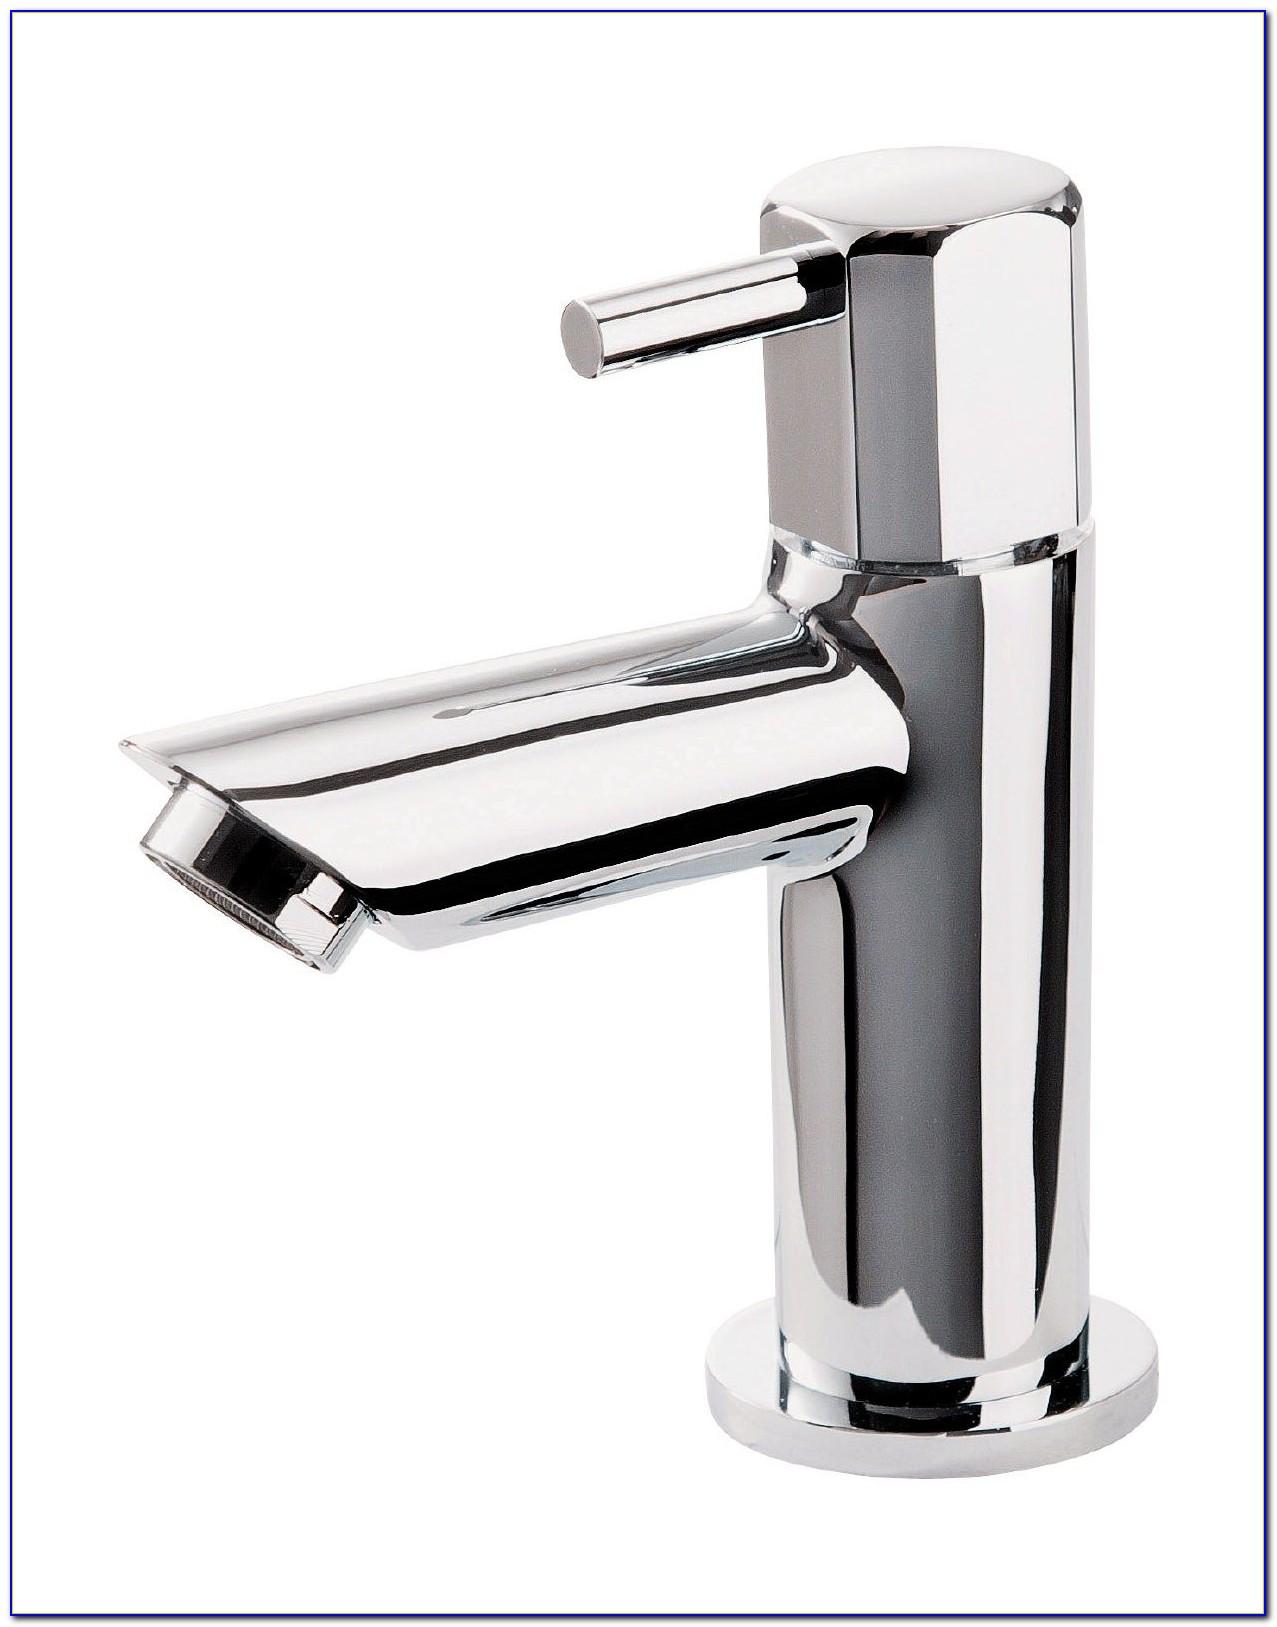 Wasserhahn Für Waschbecken Bei Ebay